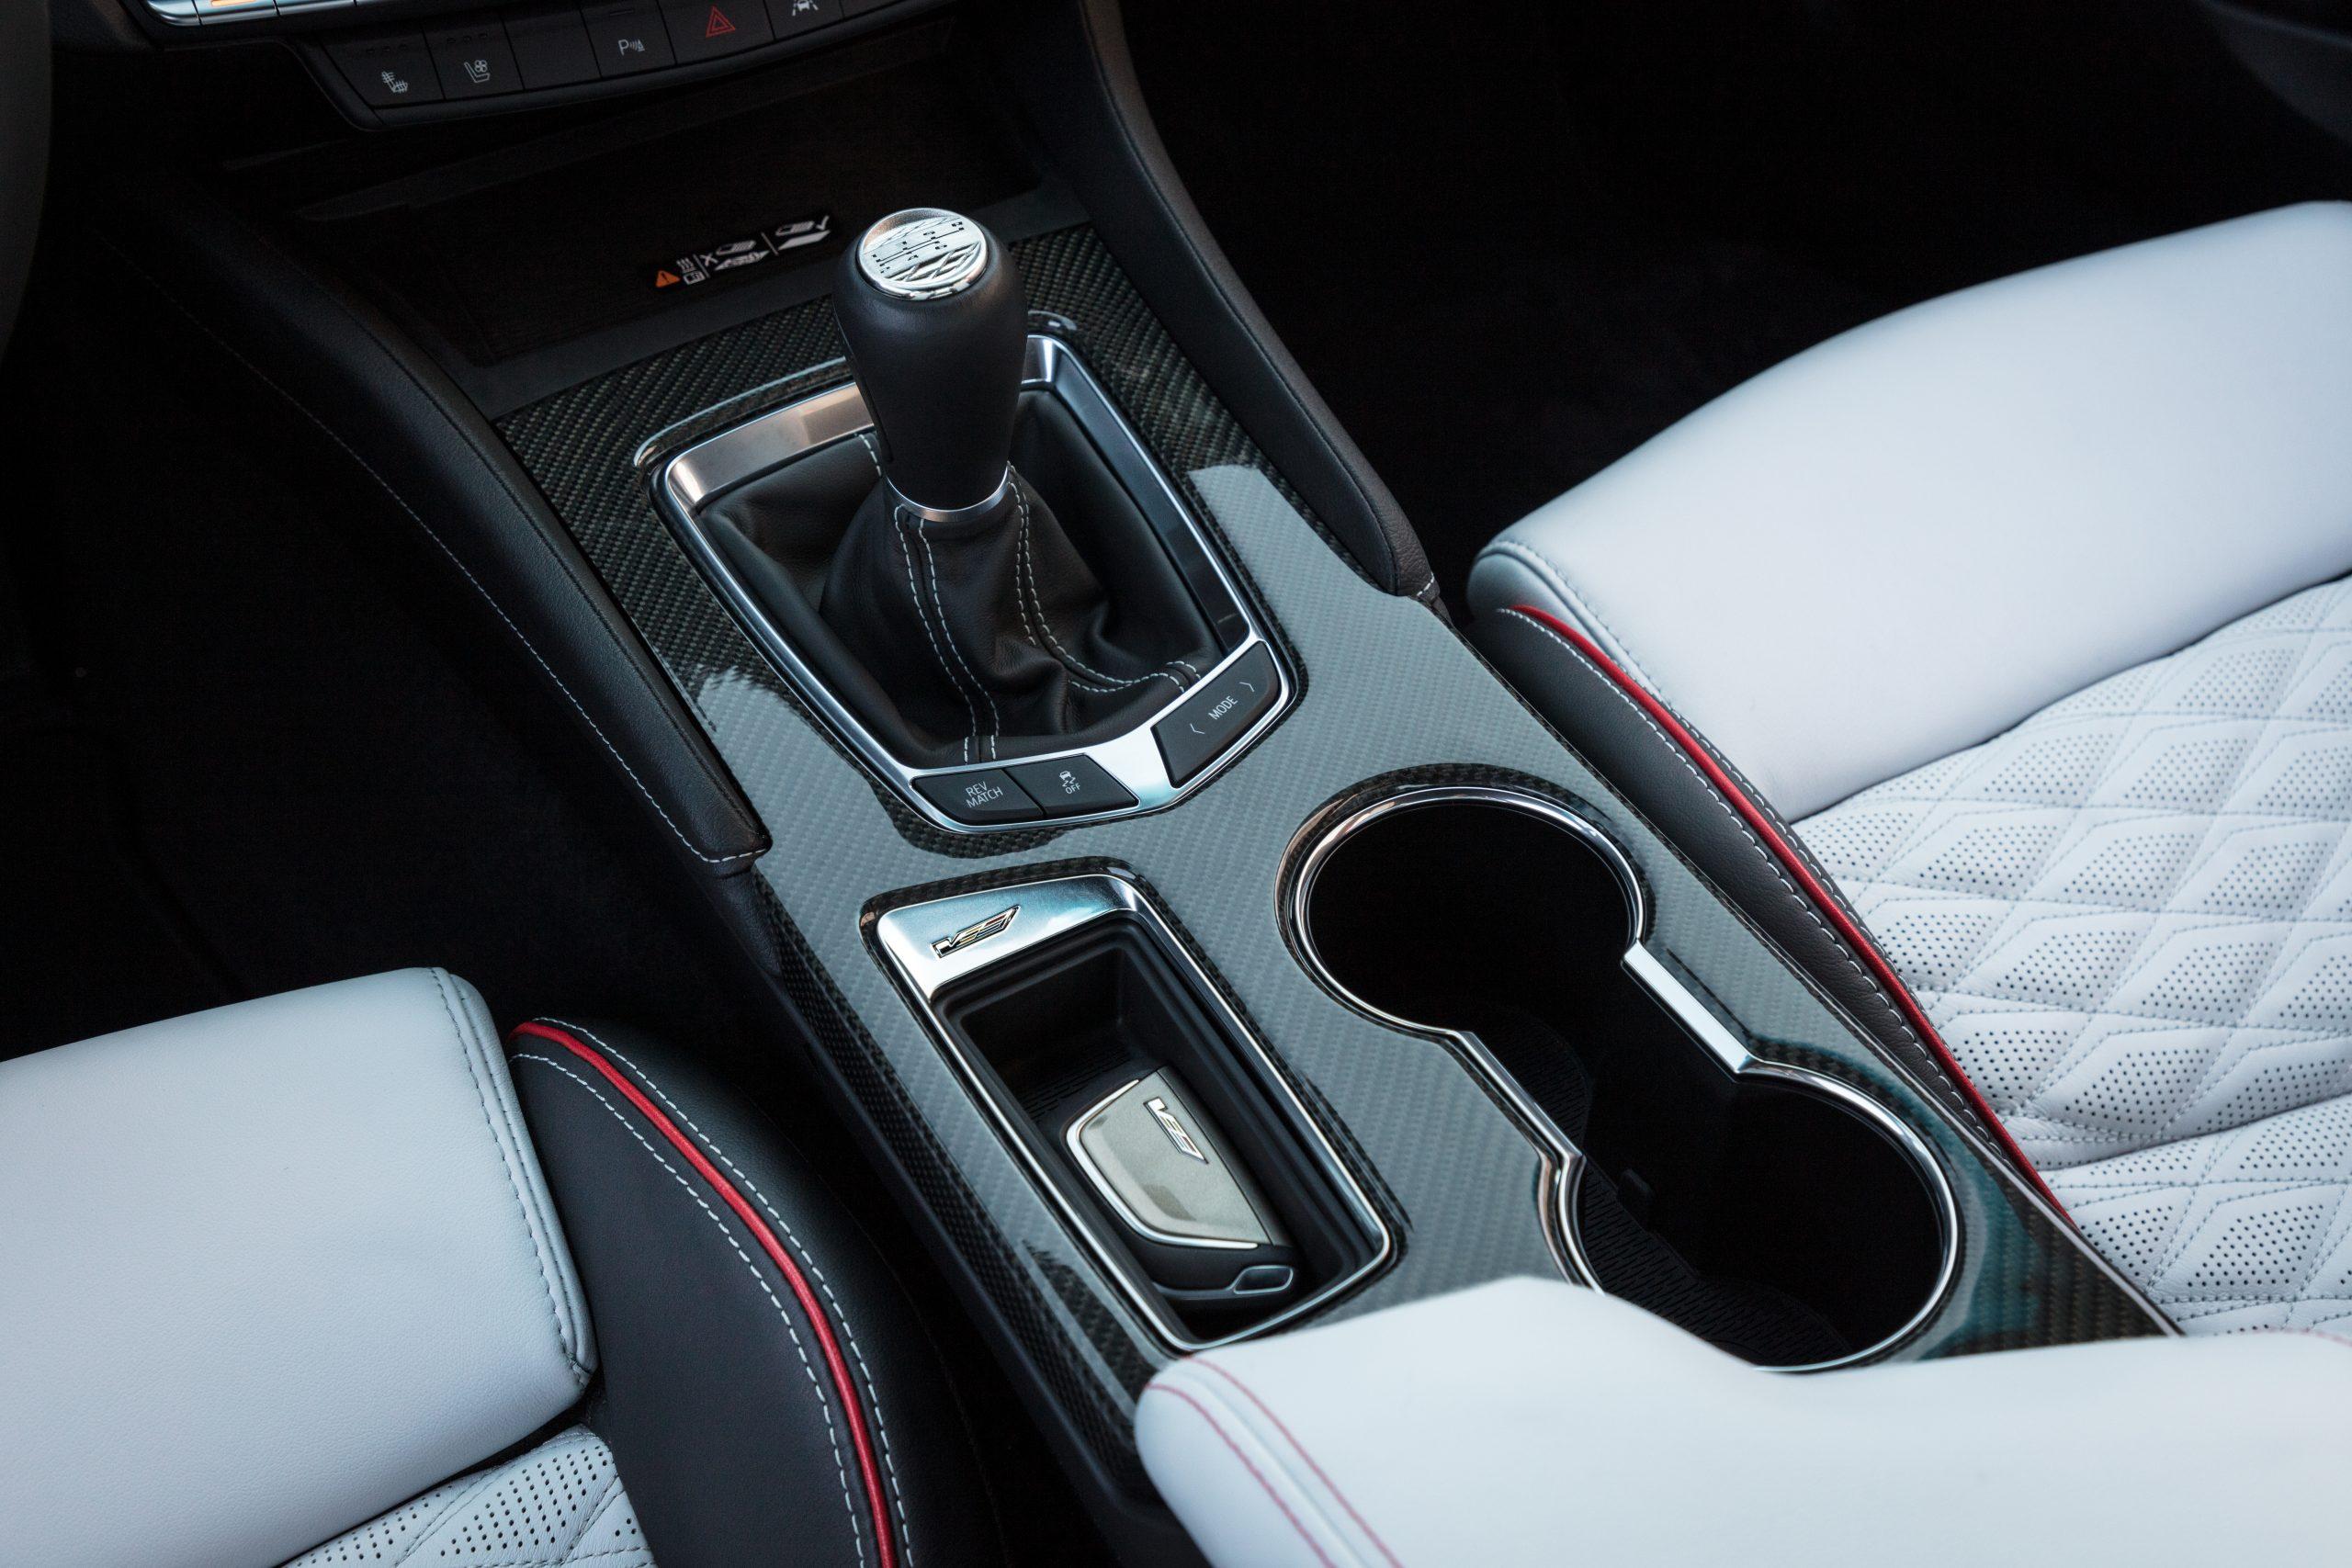 2022 Cadillac CT4-V Blackwing manual shifter